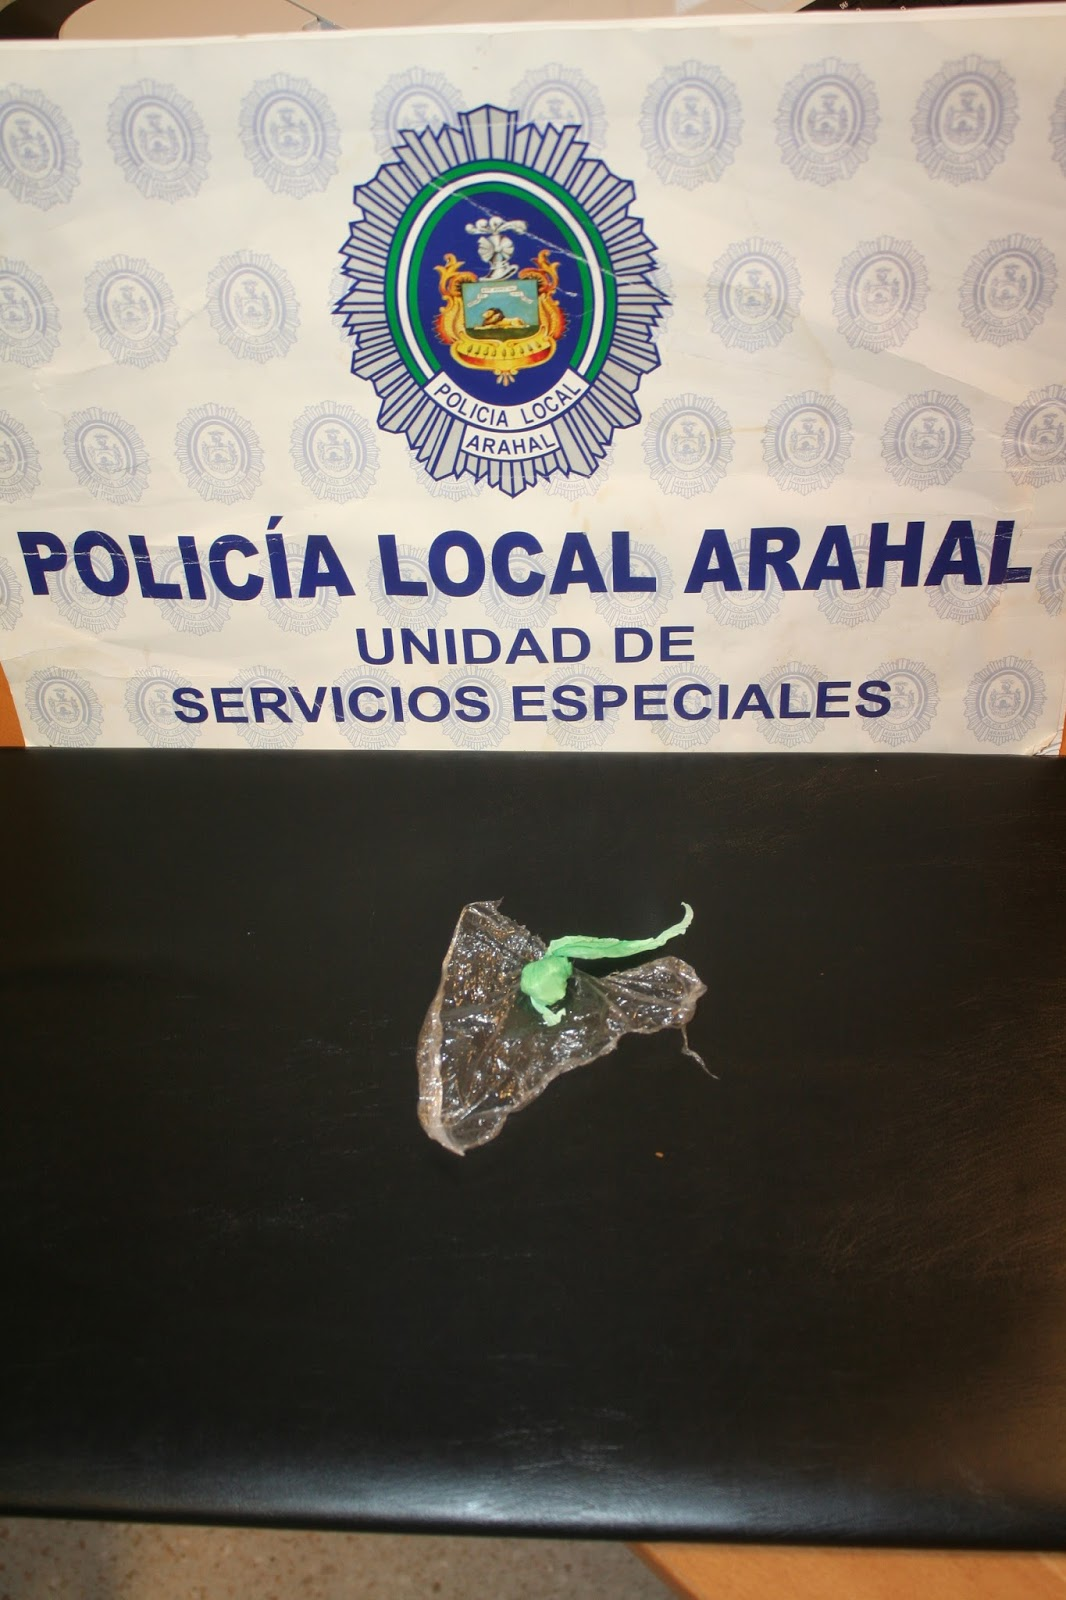 Interceptada una vecina de Arahal con 128 dosis de cocaína  26.08.13